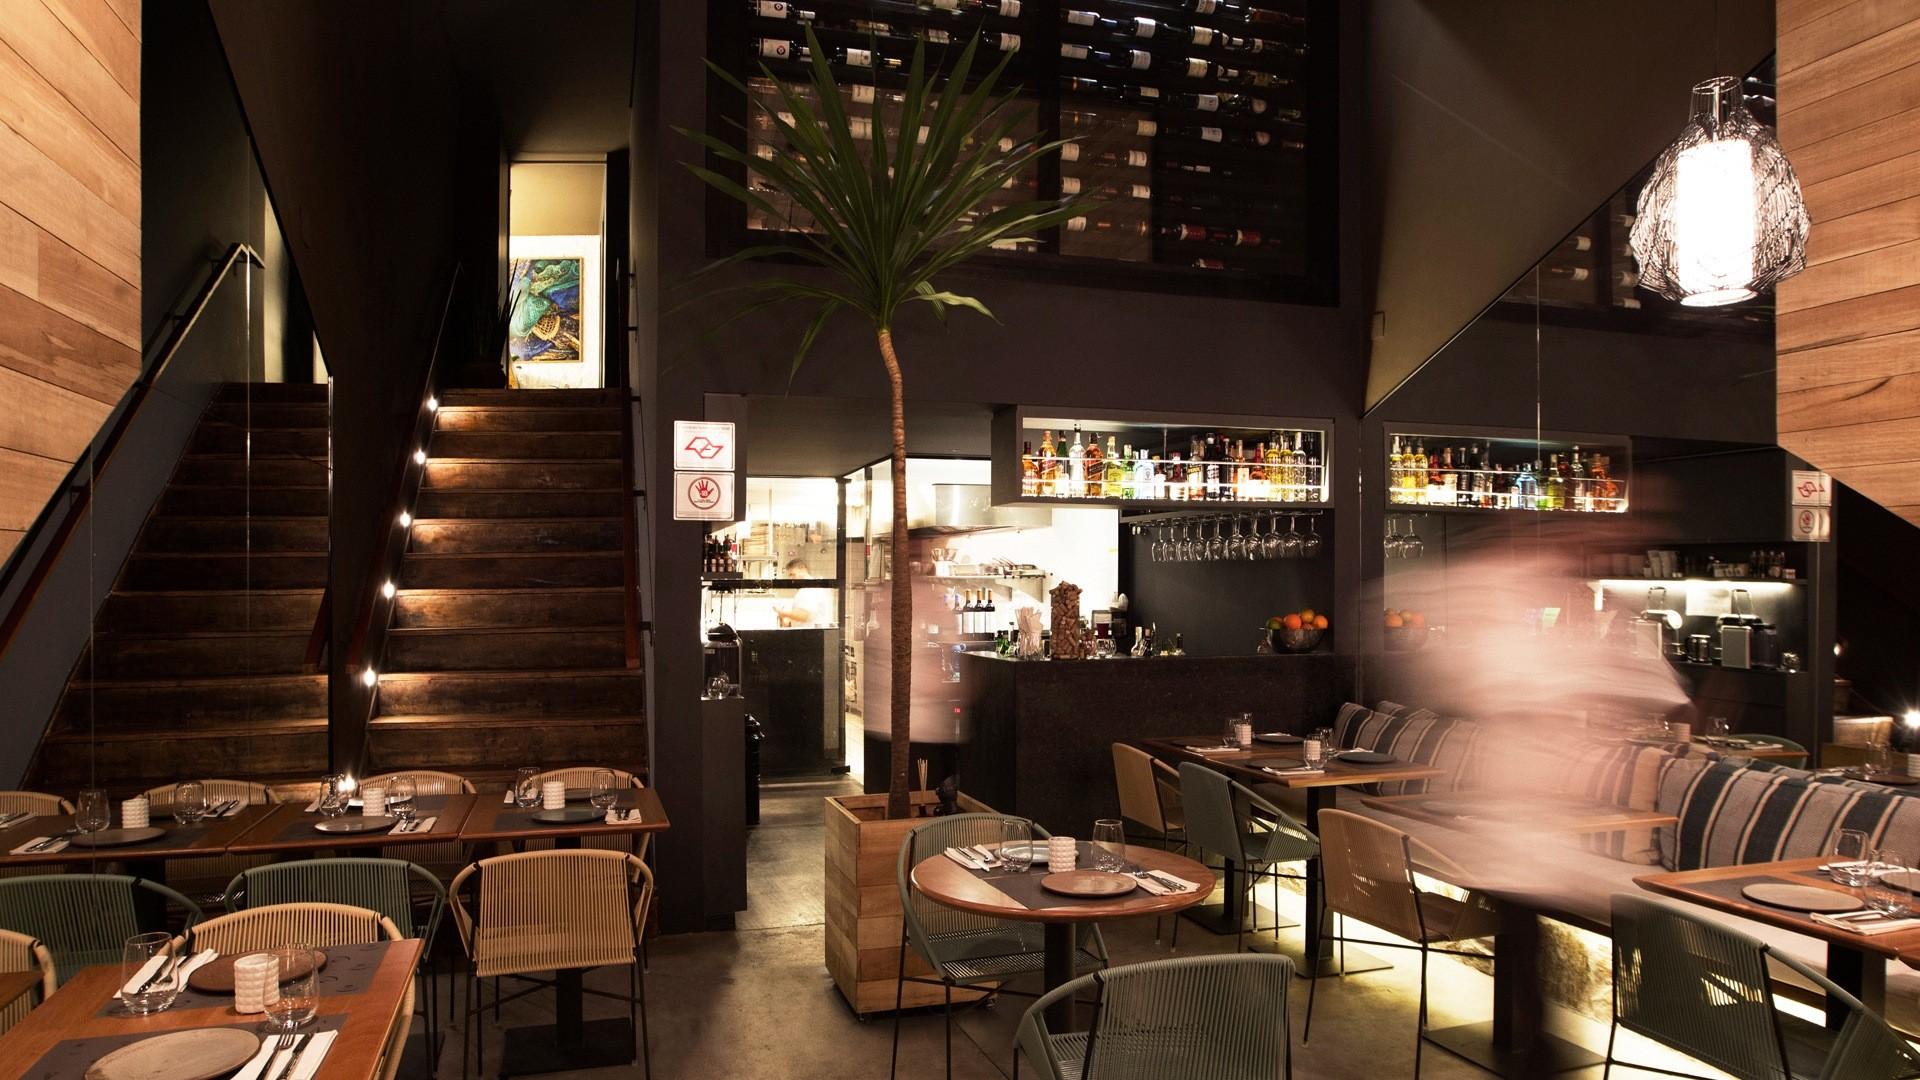 14.restaurante-tanit-interna-noturna-19